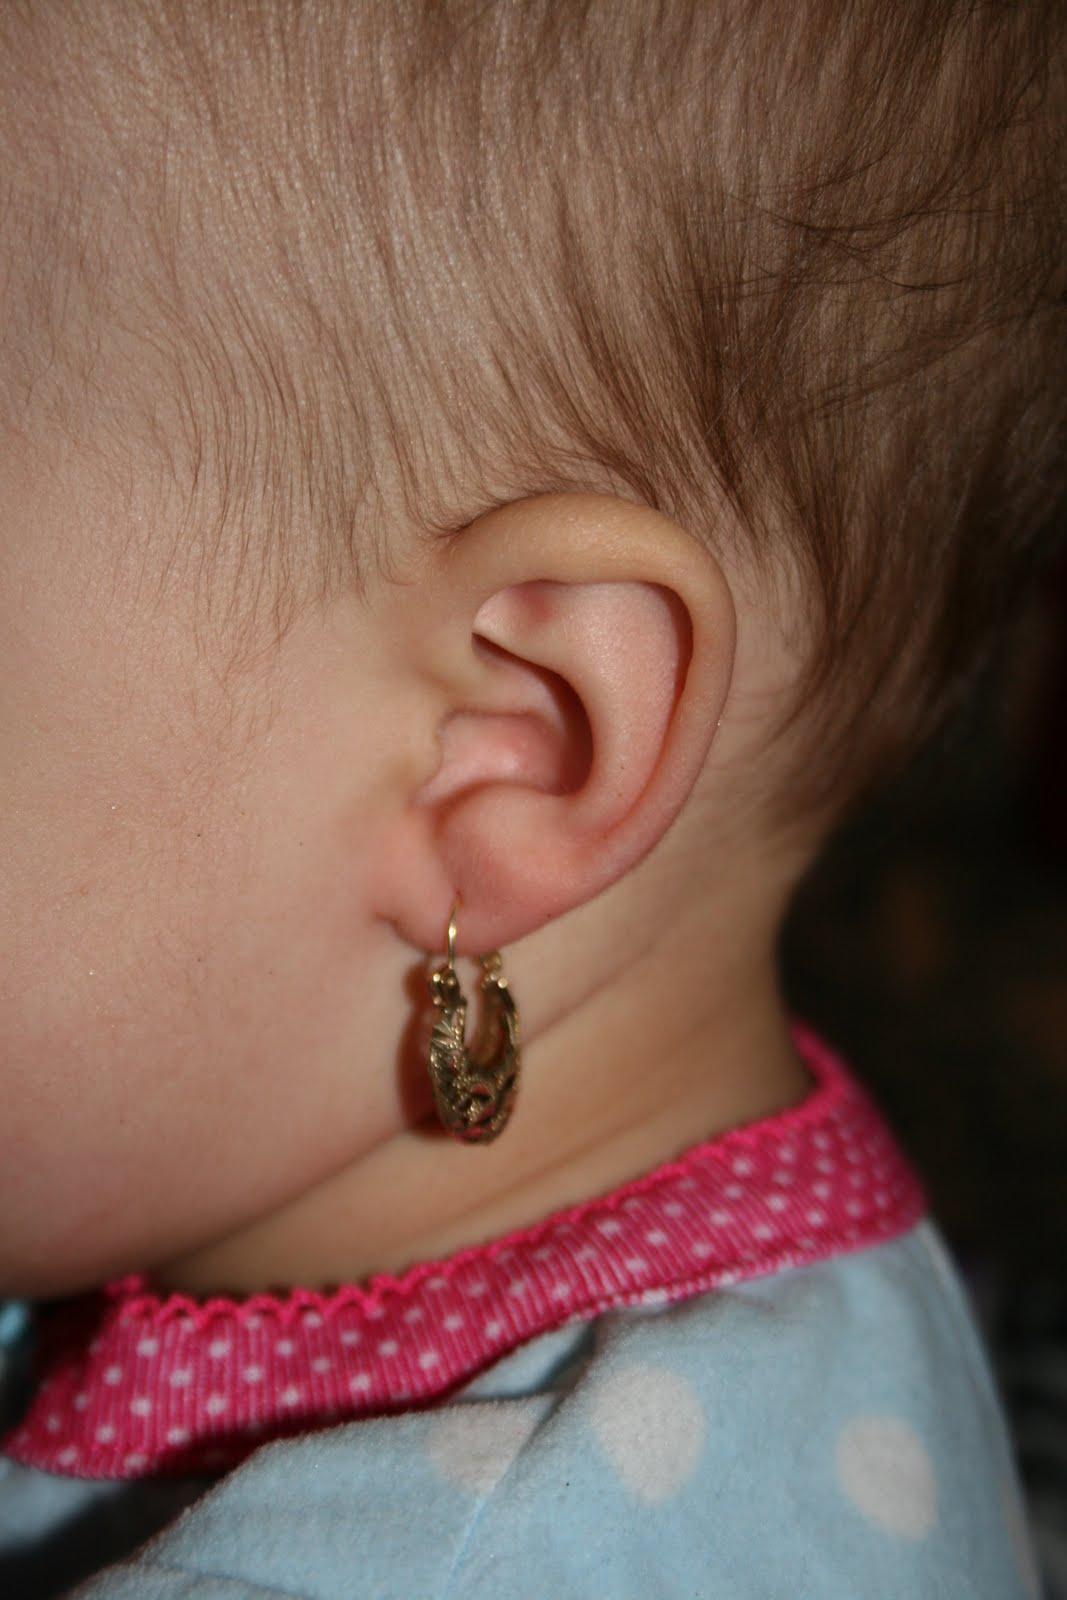 Piercing A Babies Ears